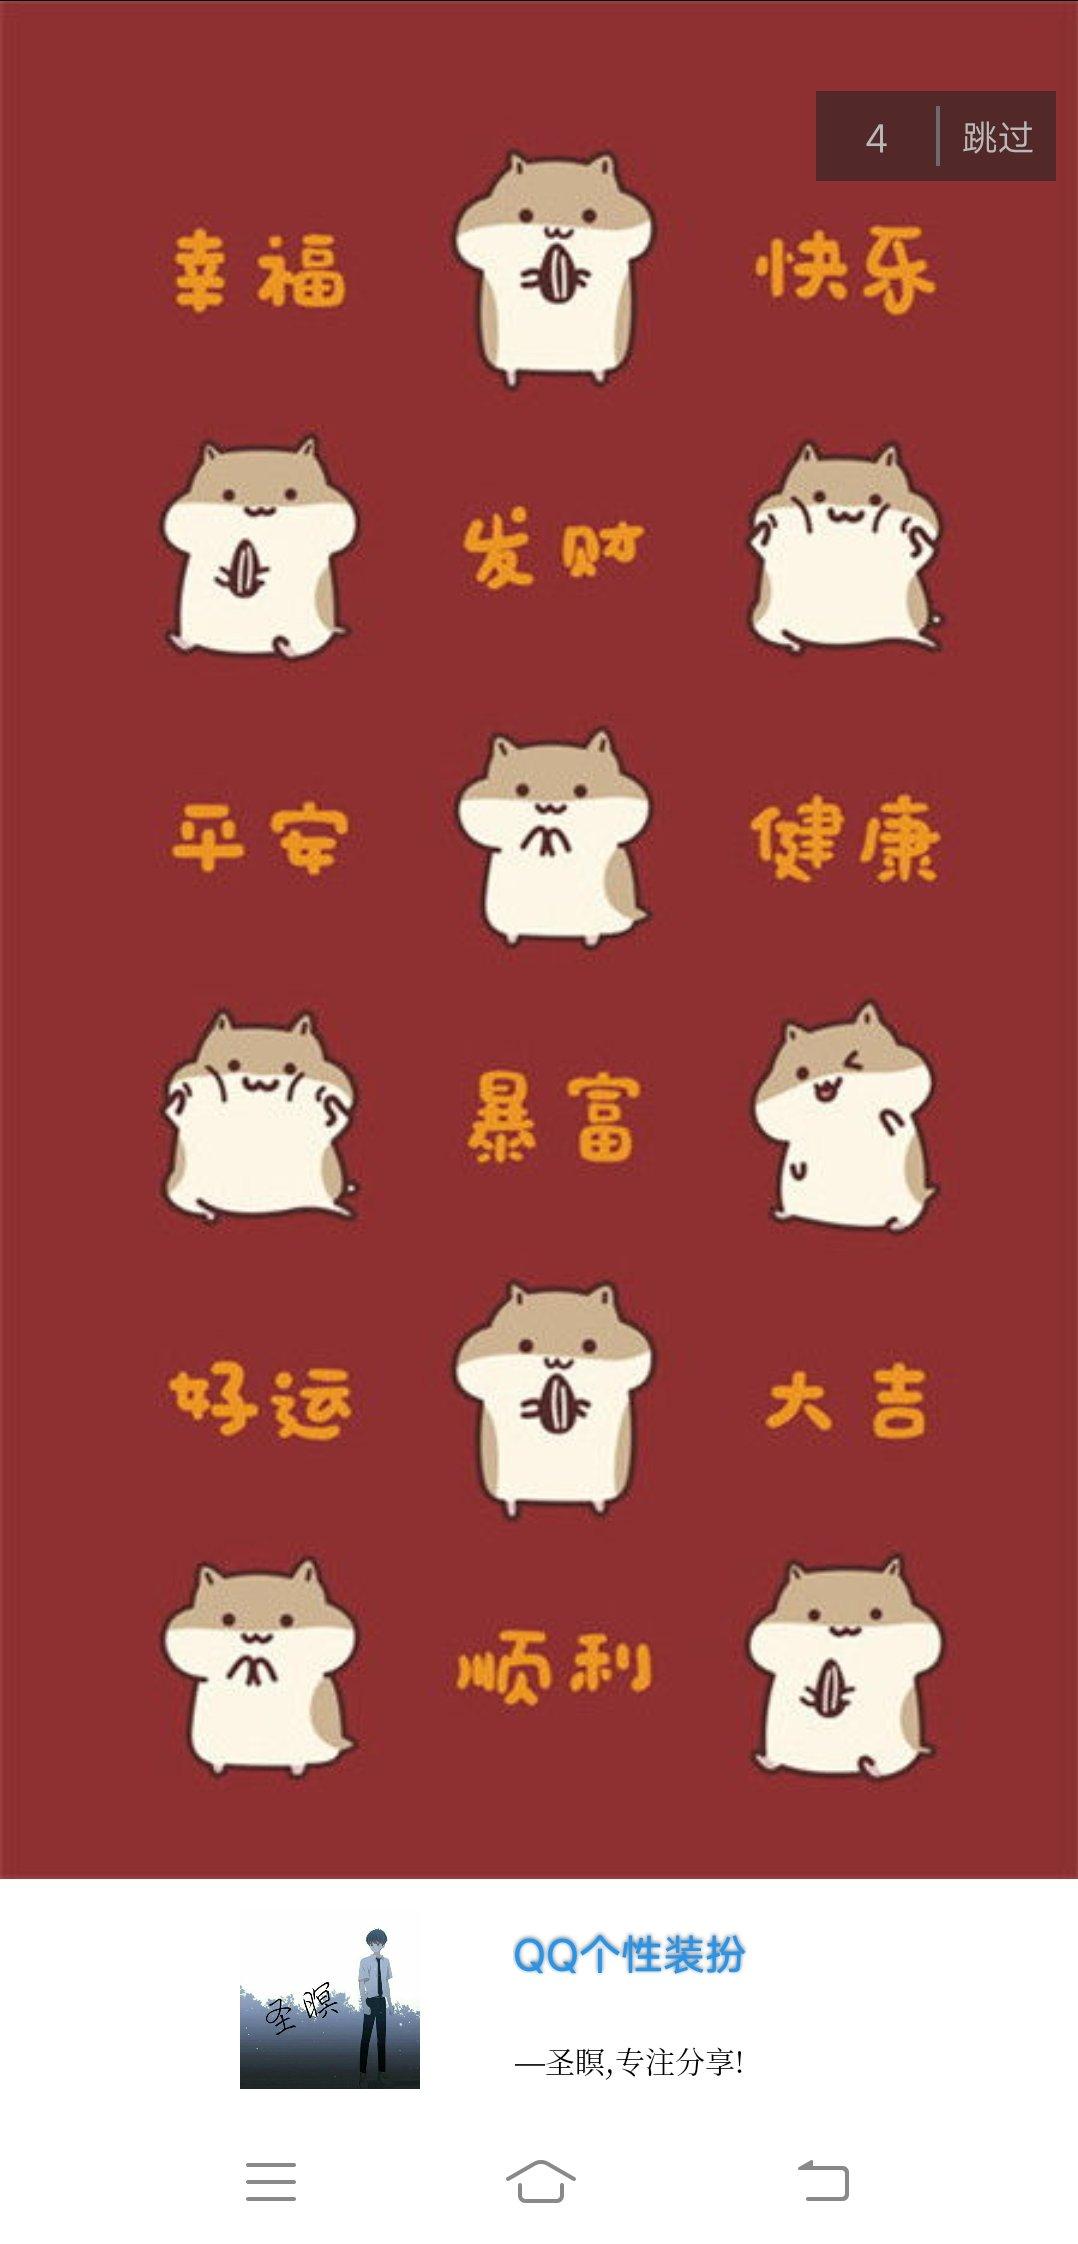 【原创分享】QQ个性装扮(2.1)